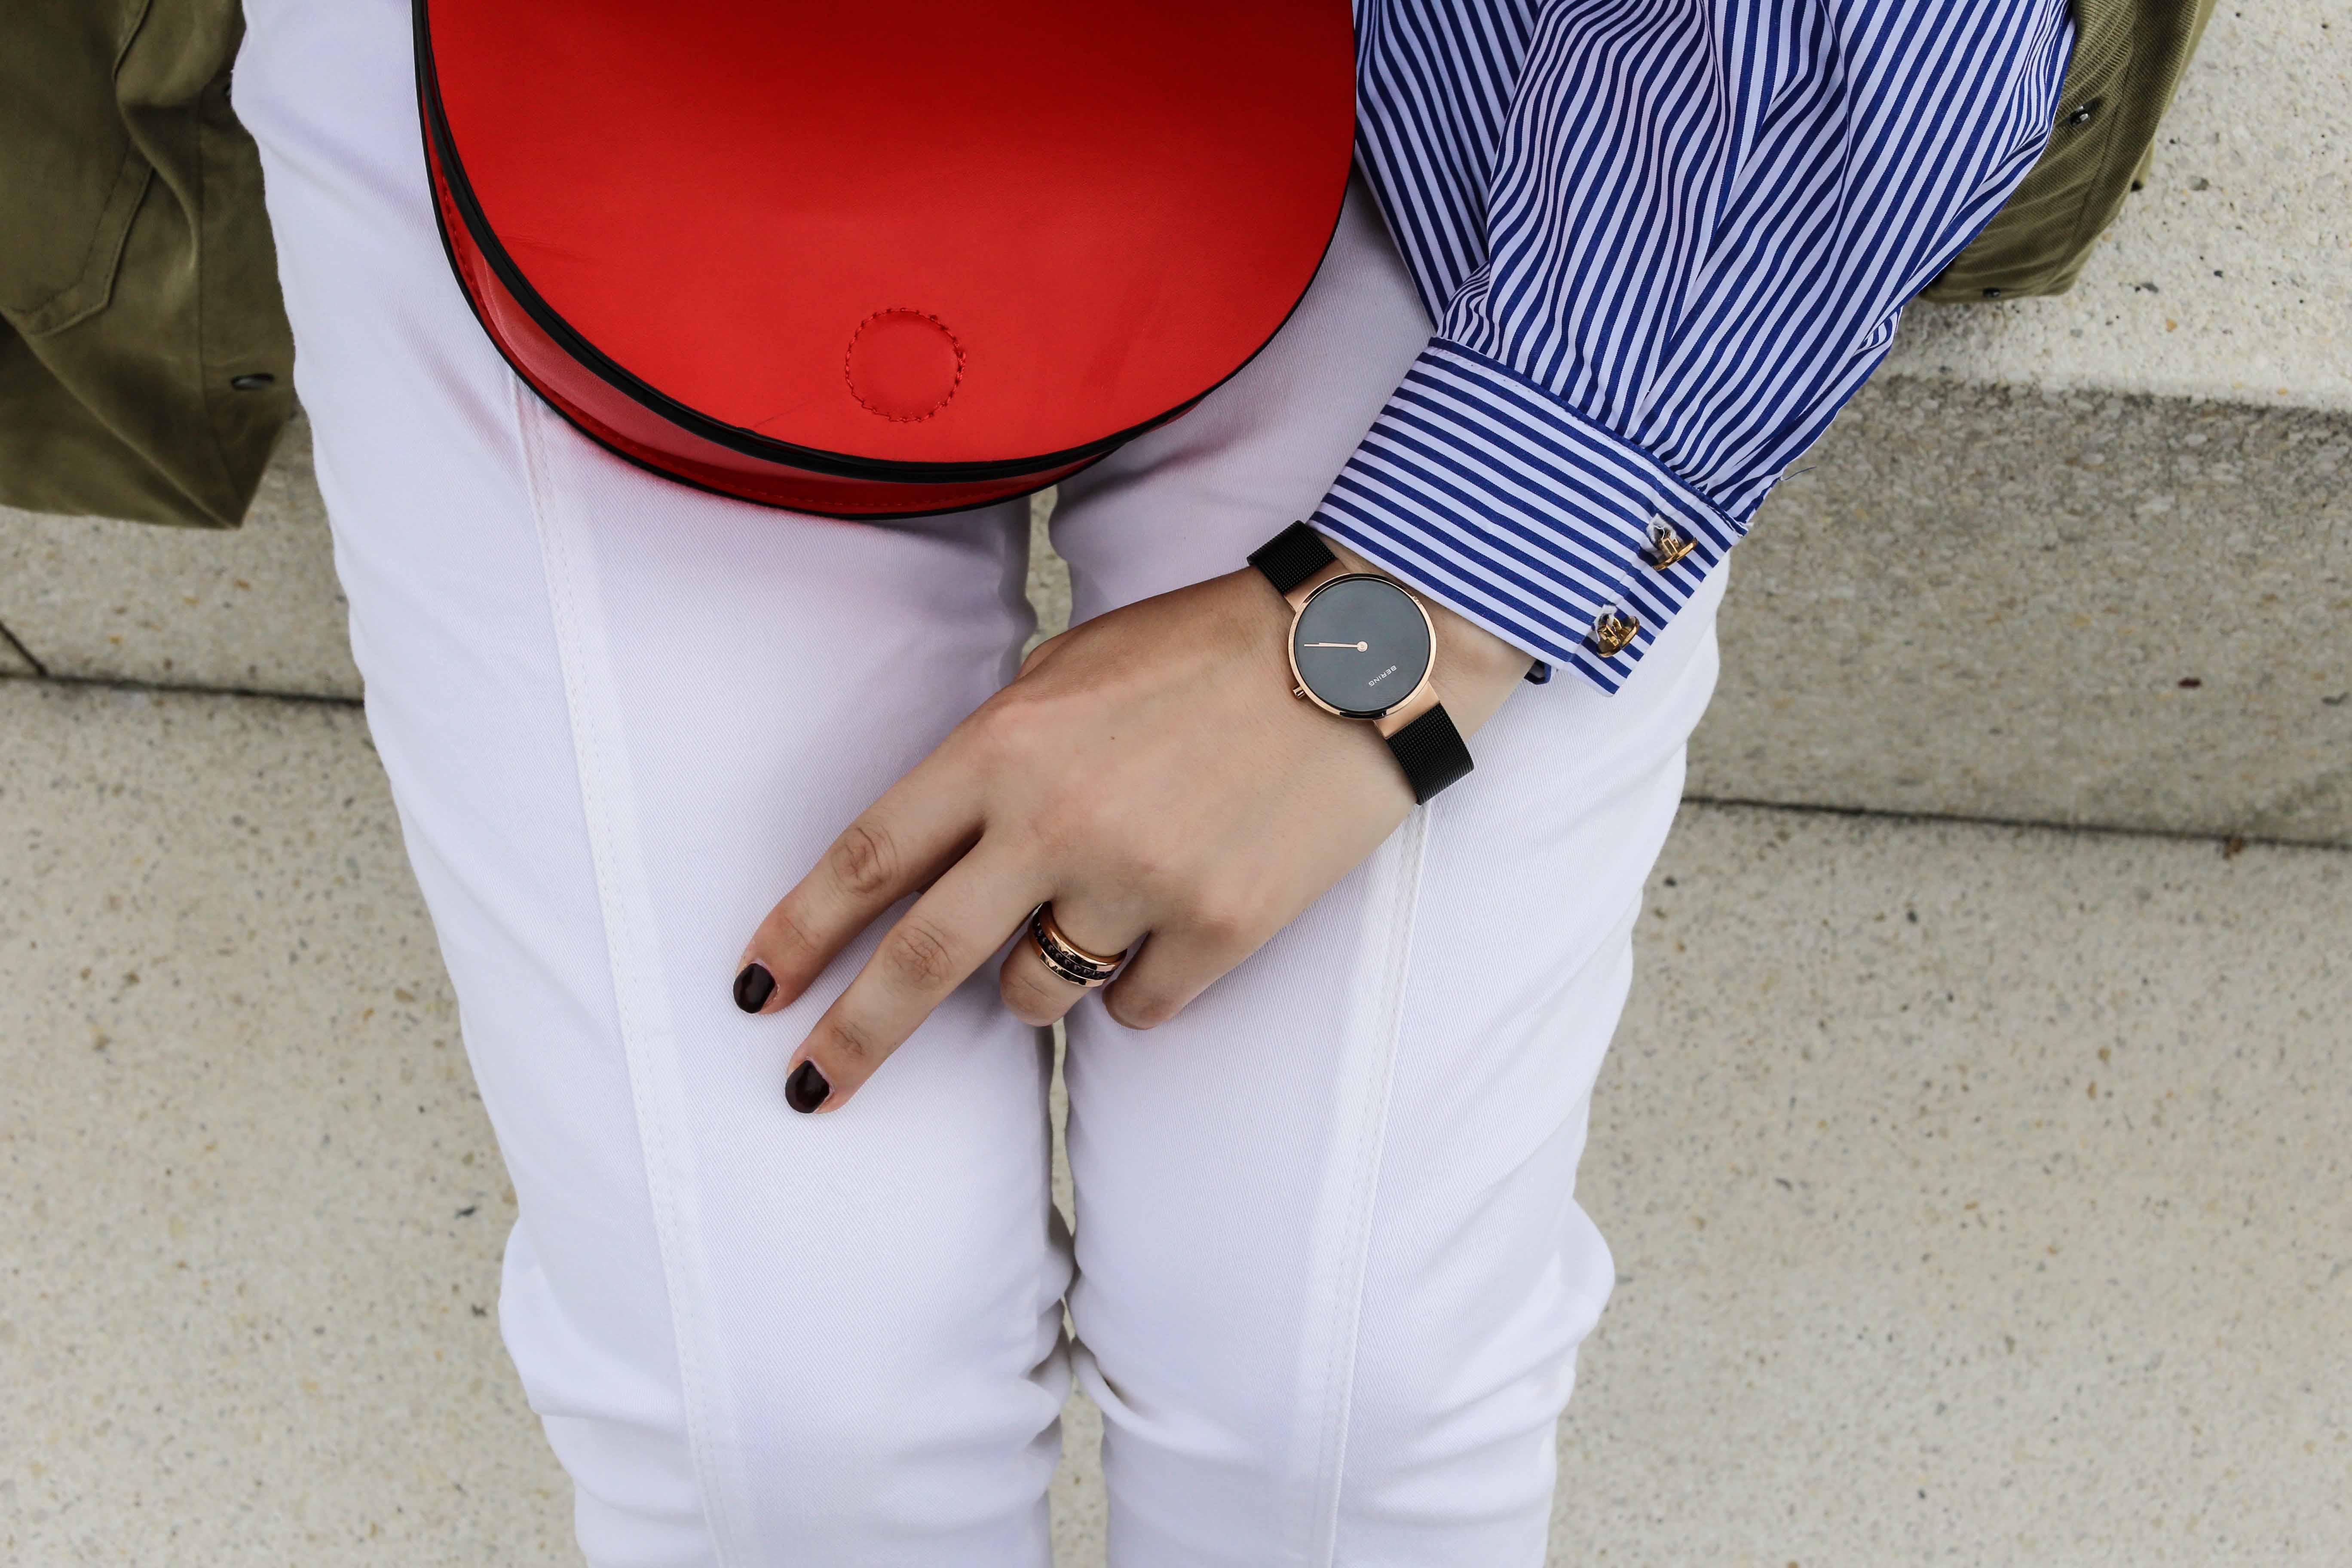 die-kleine-rote-weiße-hose-sneaker-schleifenbluse-zugeschnürt-modeblog_9781